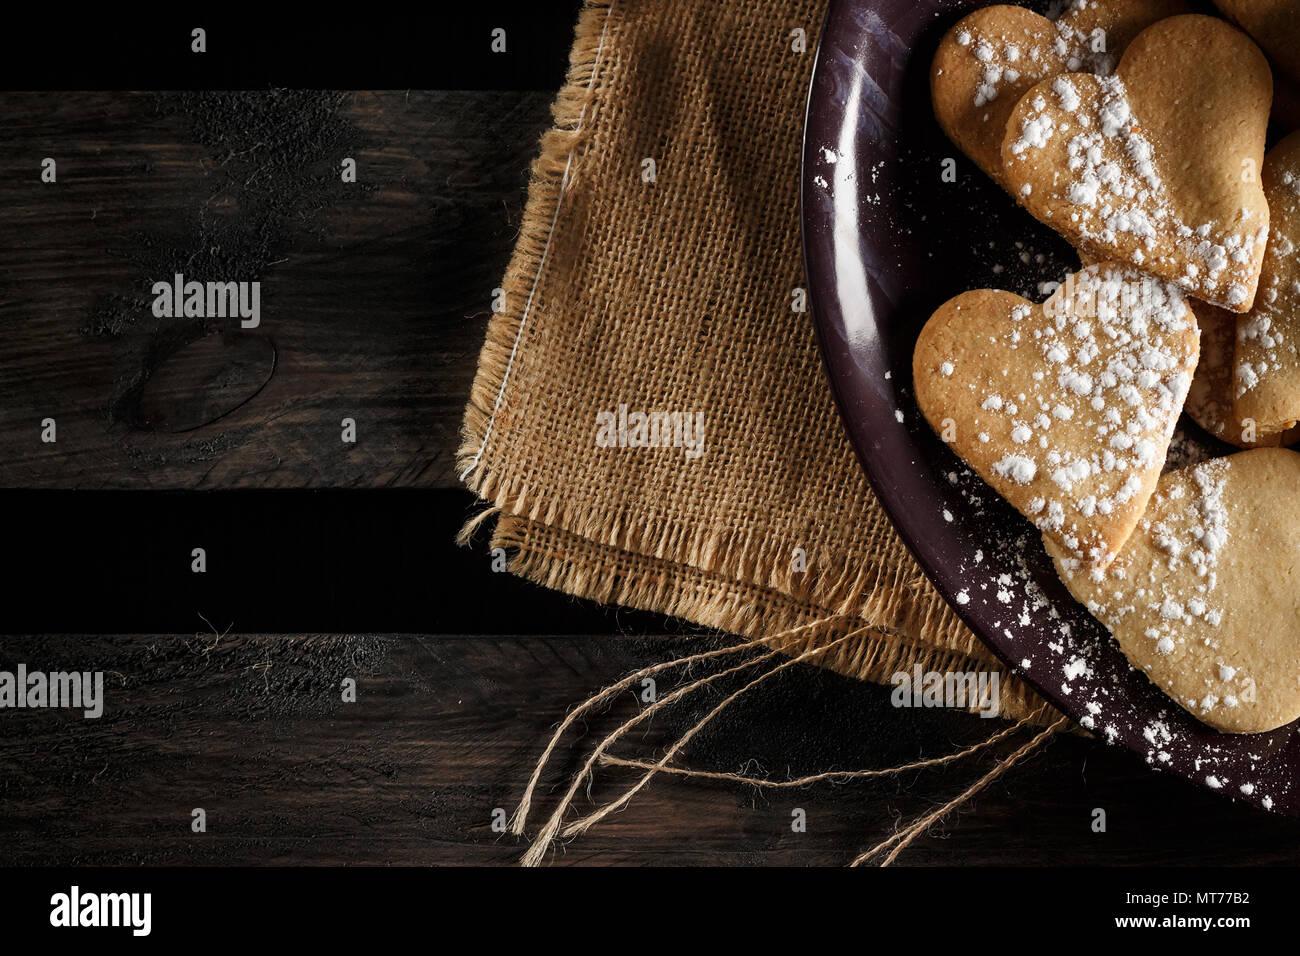 Deliziosa fatta in casa a forma di cuore i cookie spolverati con zucchero a velo su un letto di sacco e di tavole di legno. L'immagine orizzontale visto da sopra. Immagini Stock